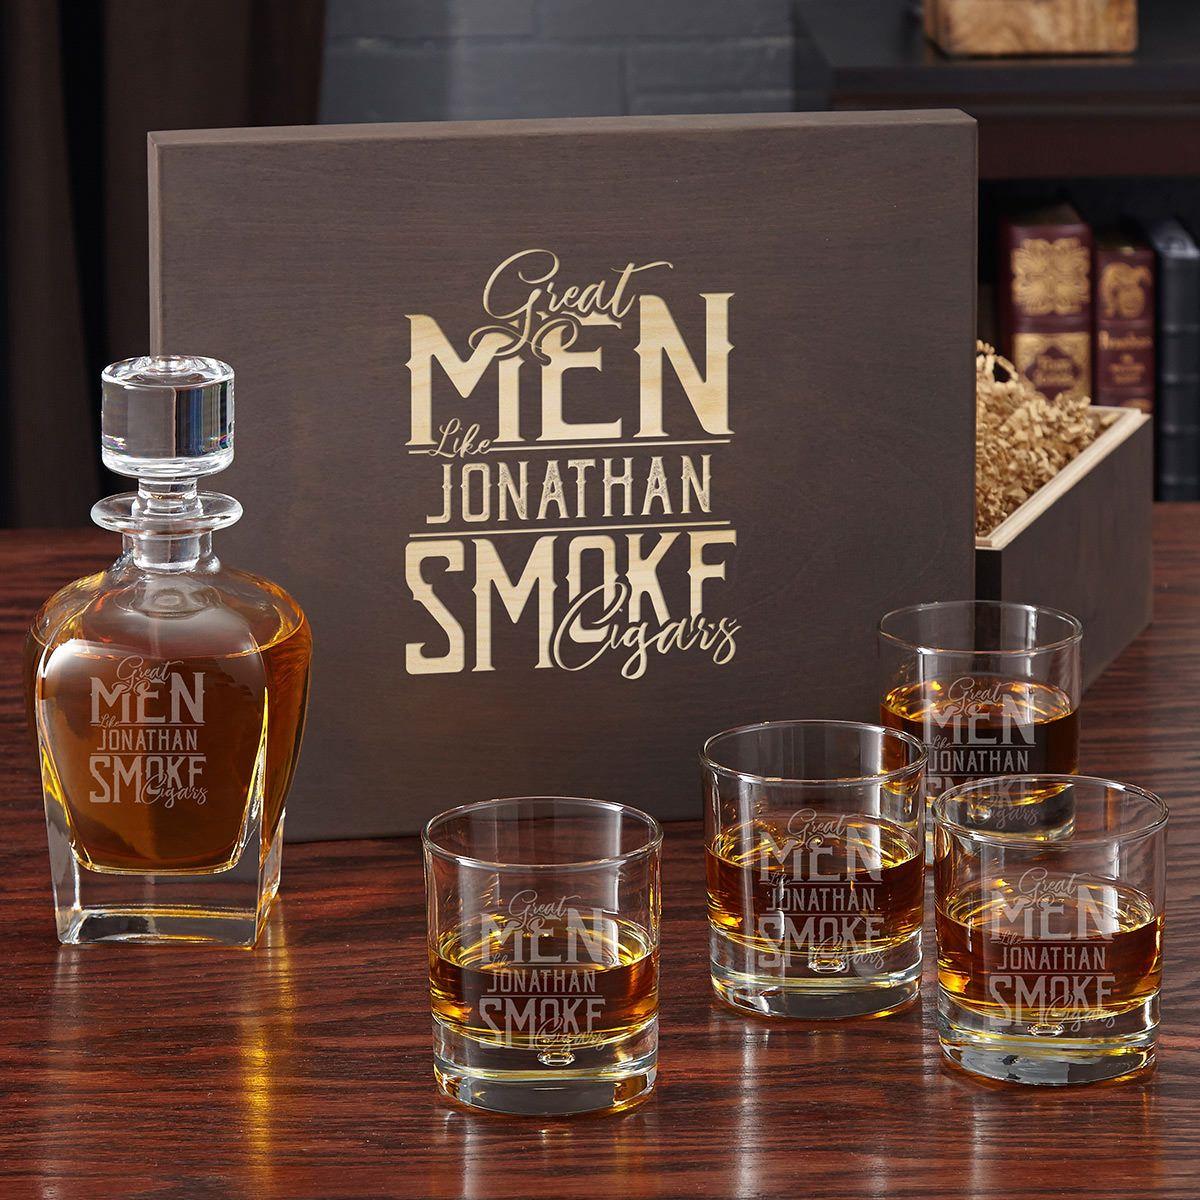 Great Men Smoke Cigars Engraved Liquor Decanter and Scotch Glass Box Set